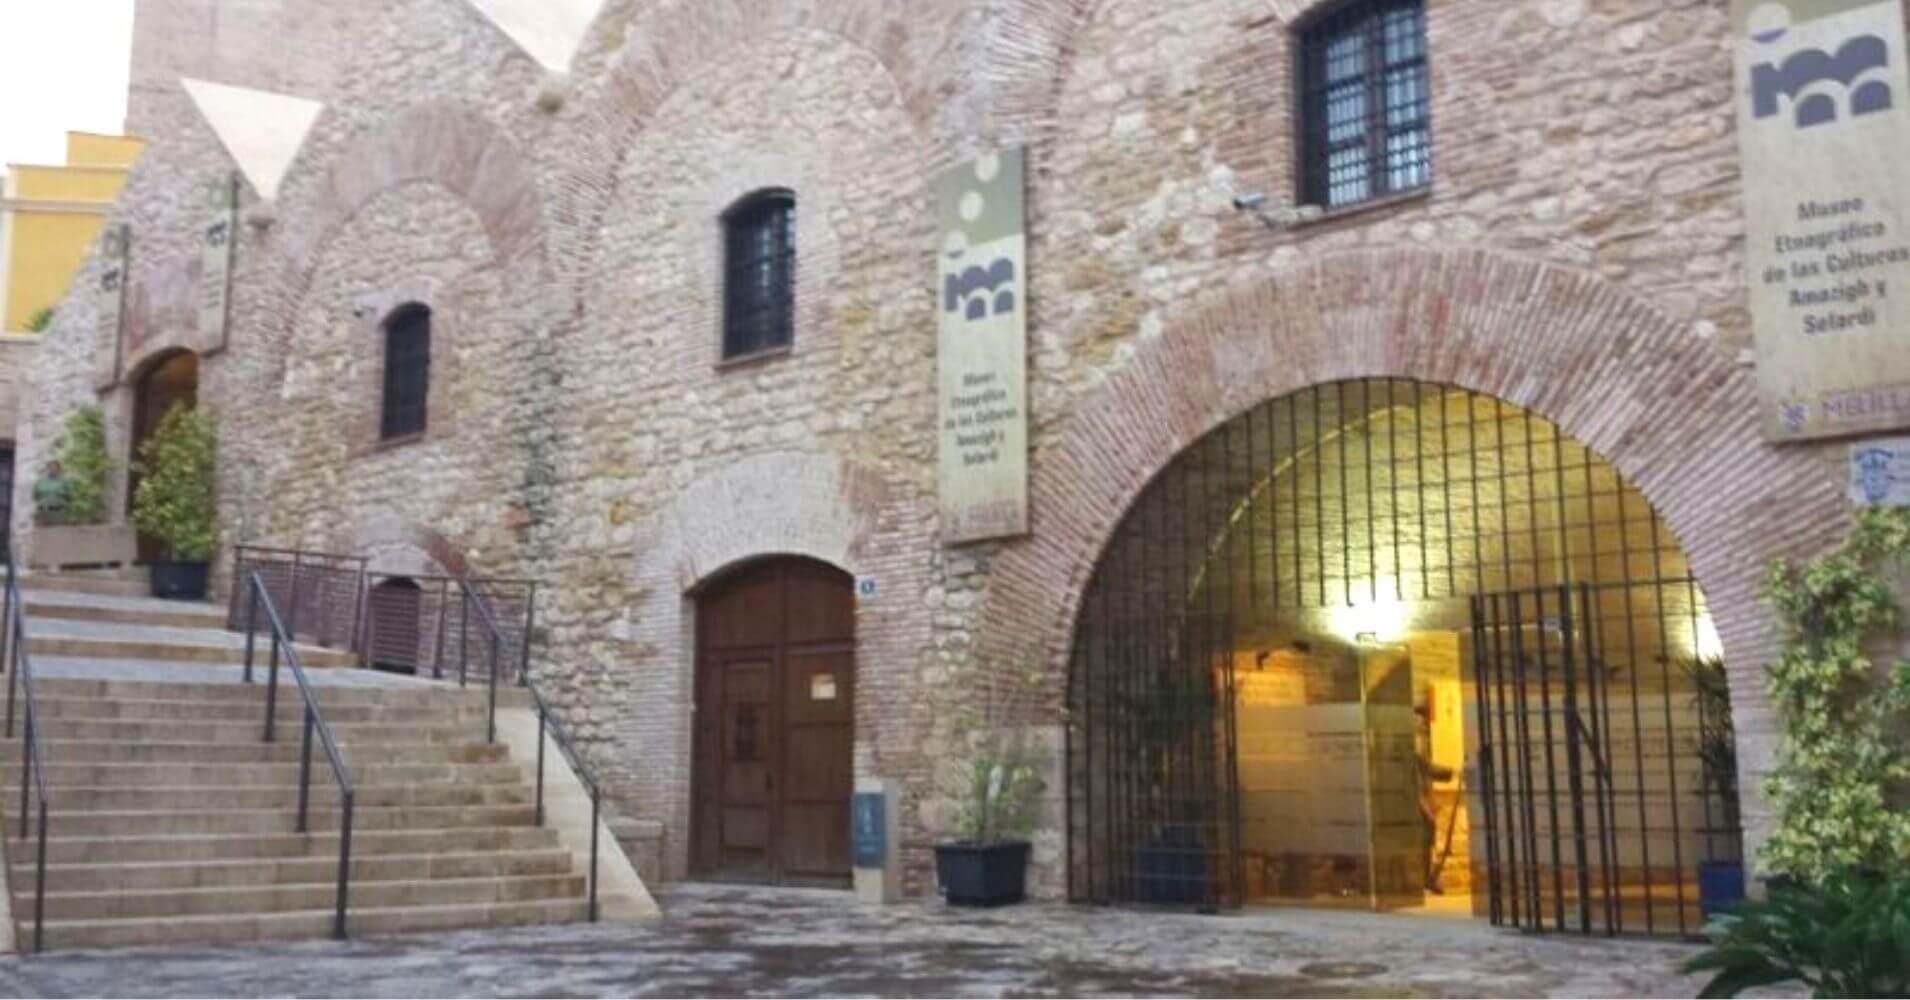 Museo Etnográfico de las Culturas. Melilla.